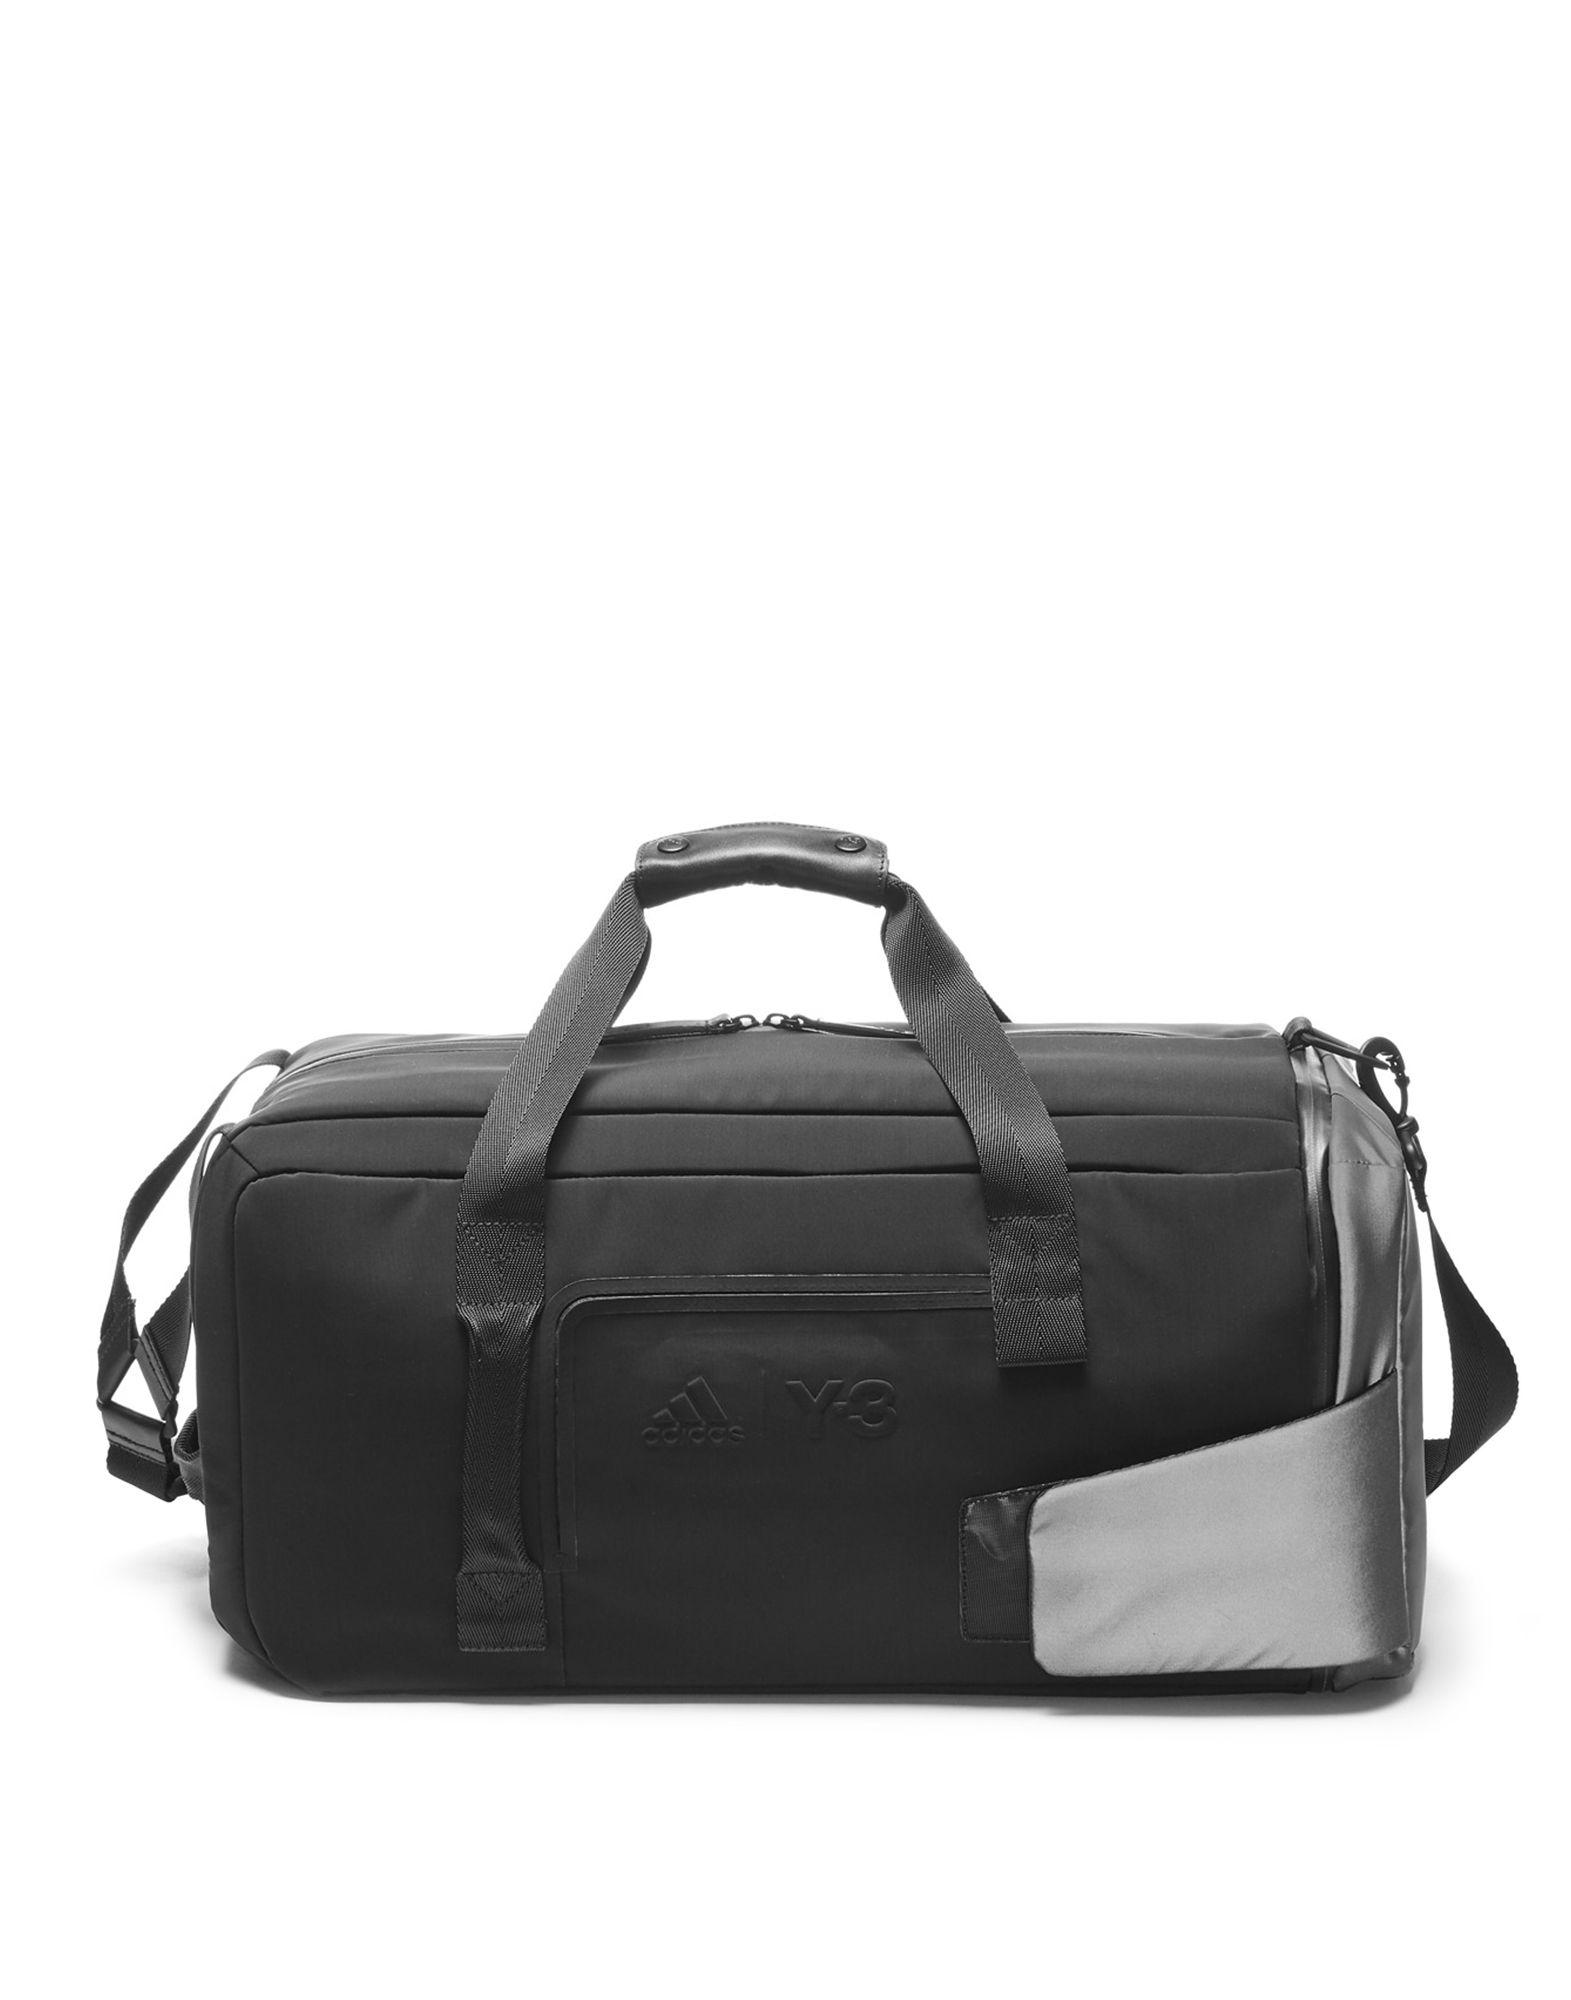 a3ed5b0762cc Buy adidas black gym bag   OFF56% Discounted